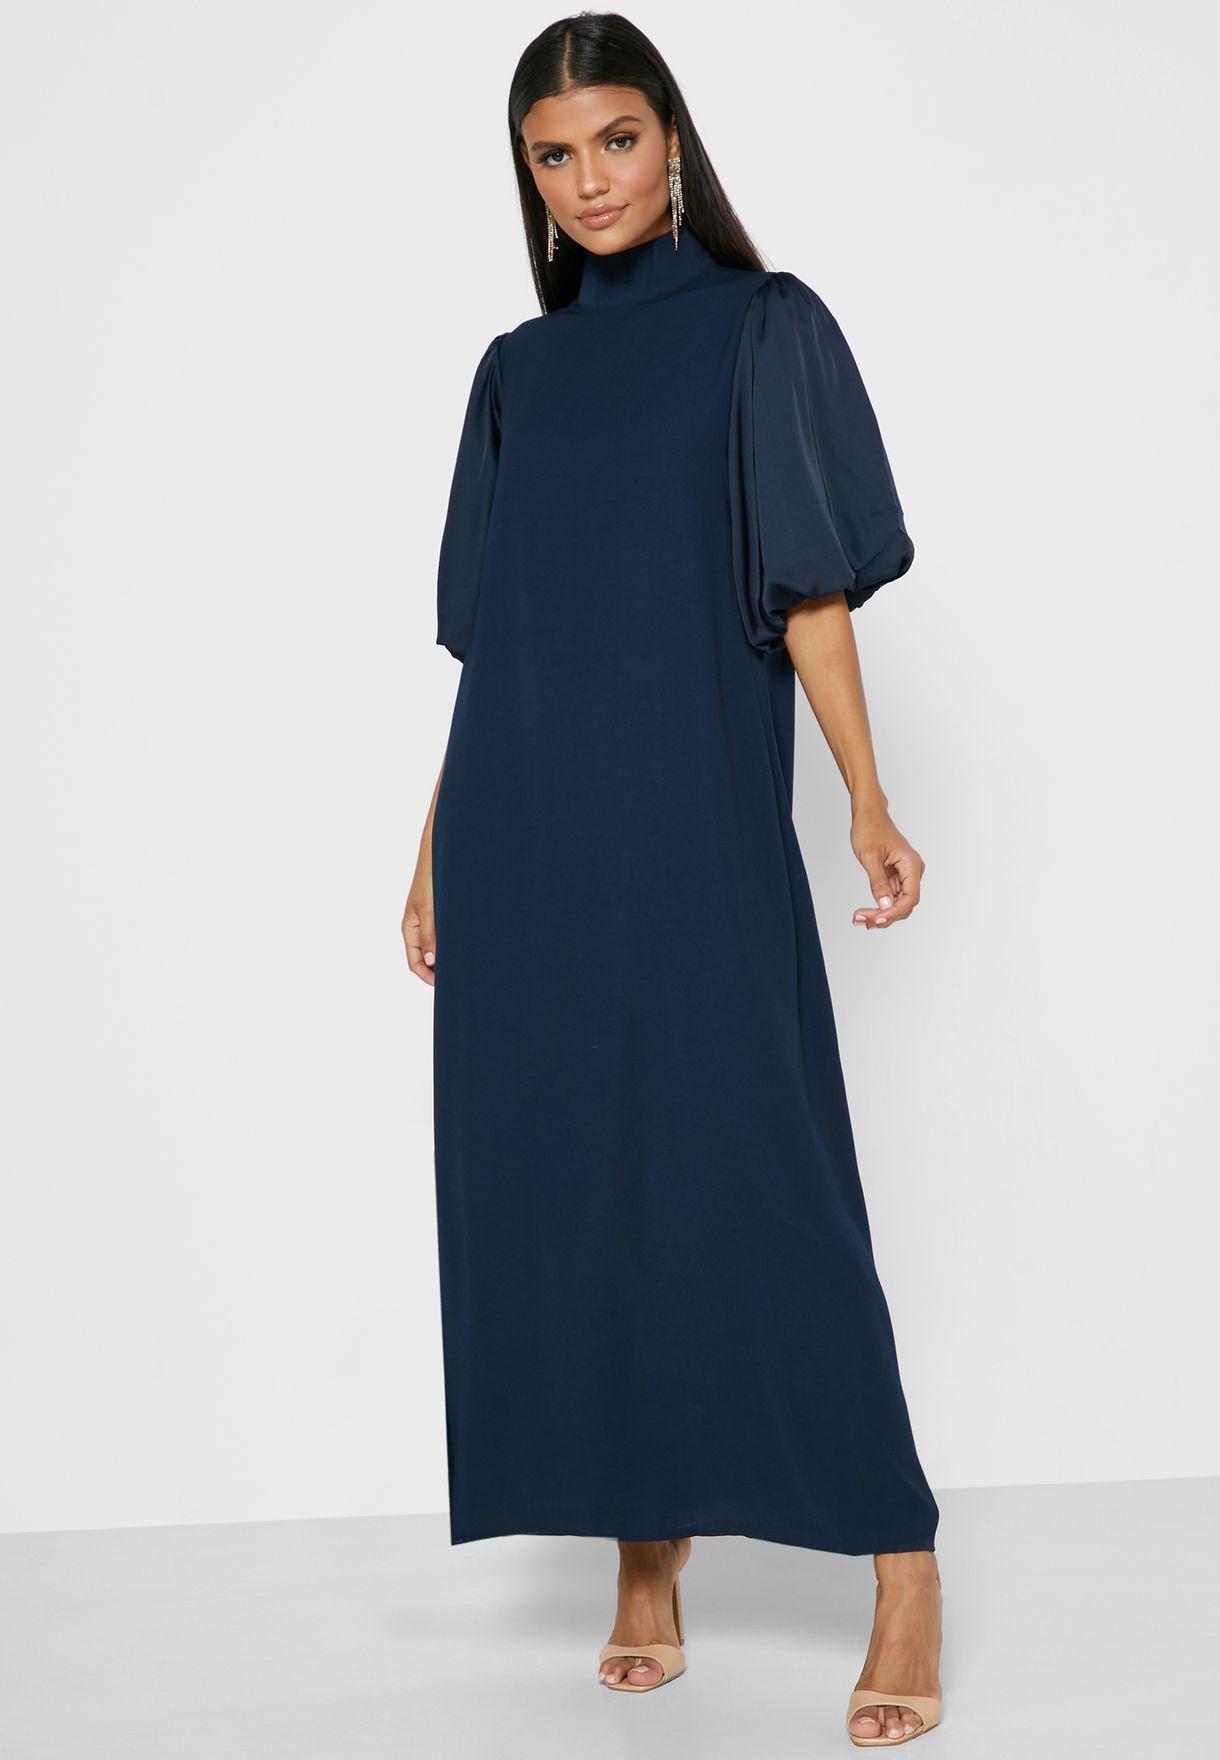 فستان بأكمام واسعة